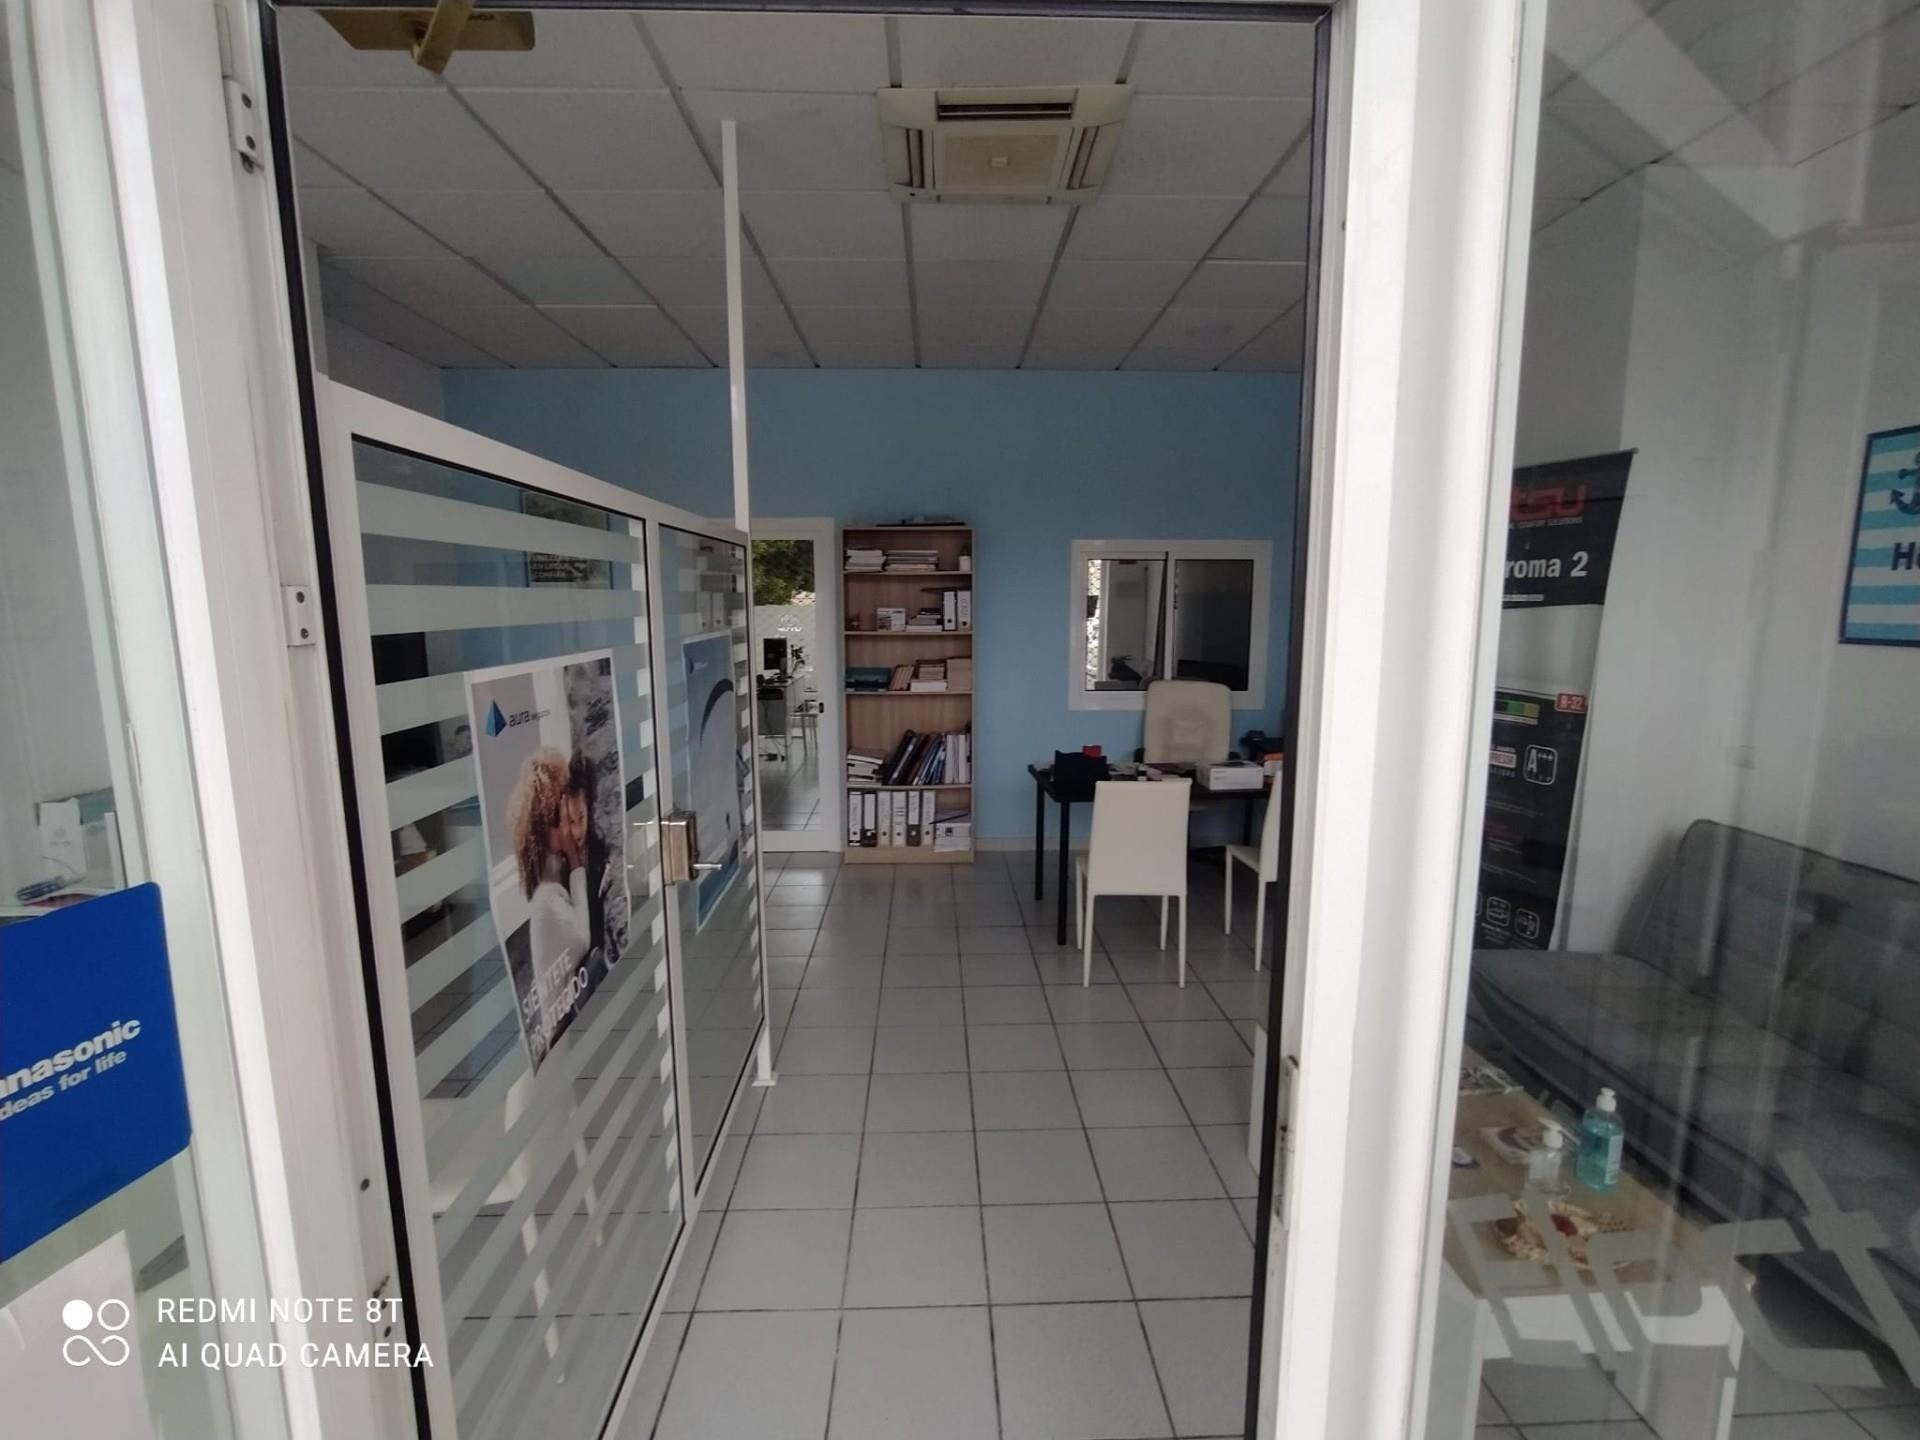 Local de alquiler en Avenida Inmaculada Concepción, Arroyo de la Miel (Benalmádena, Málaga)